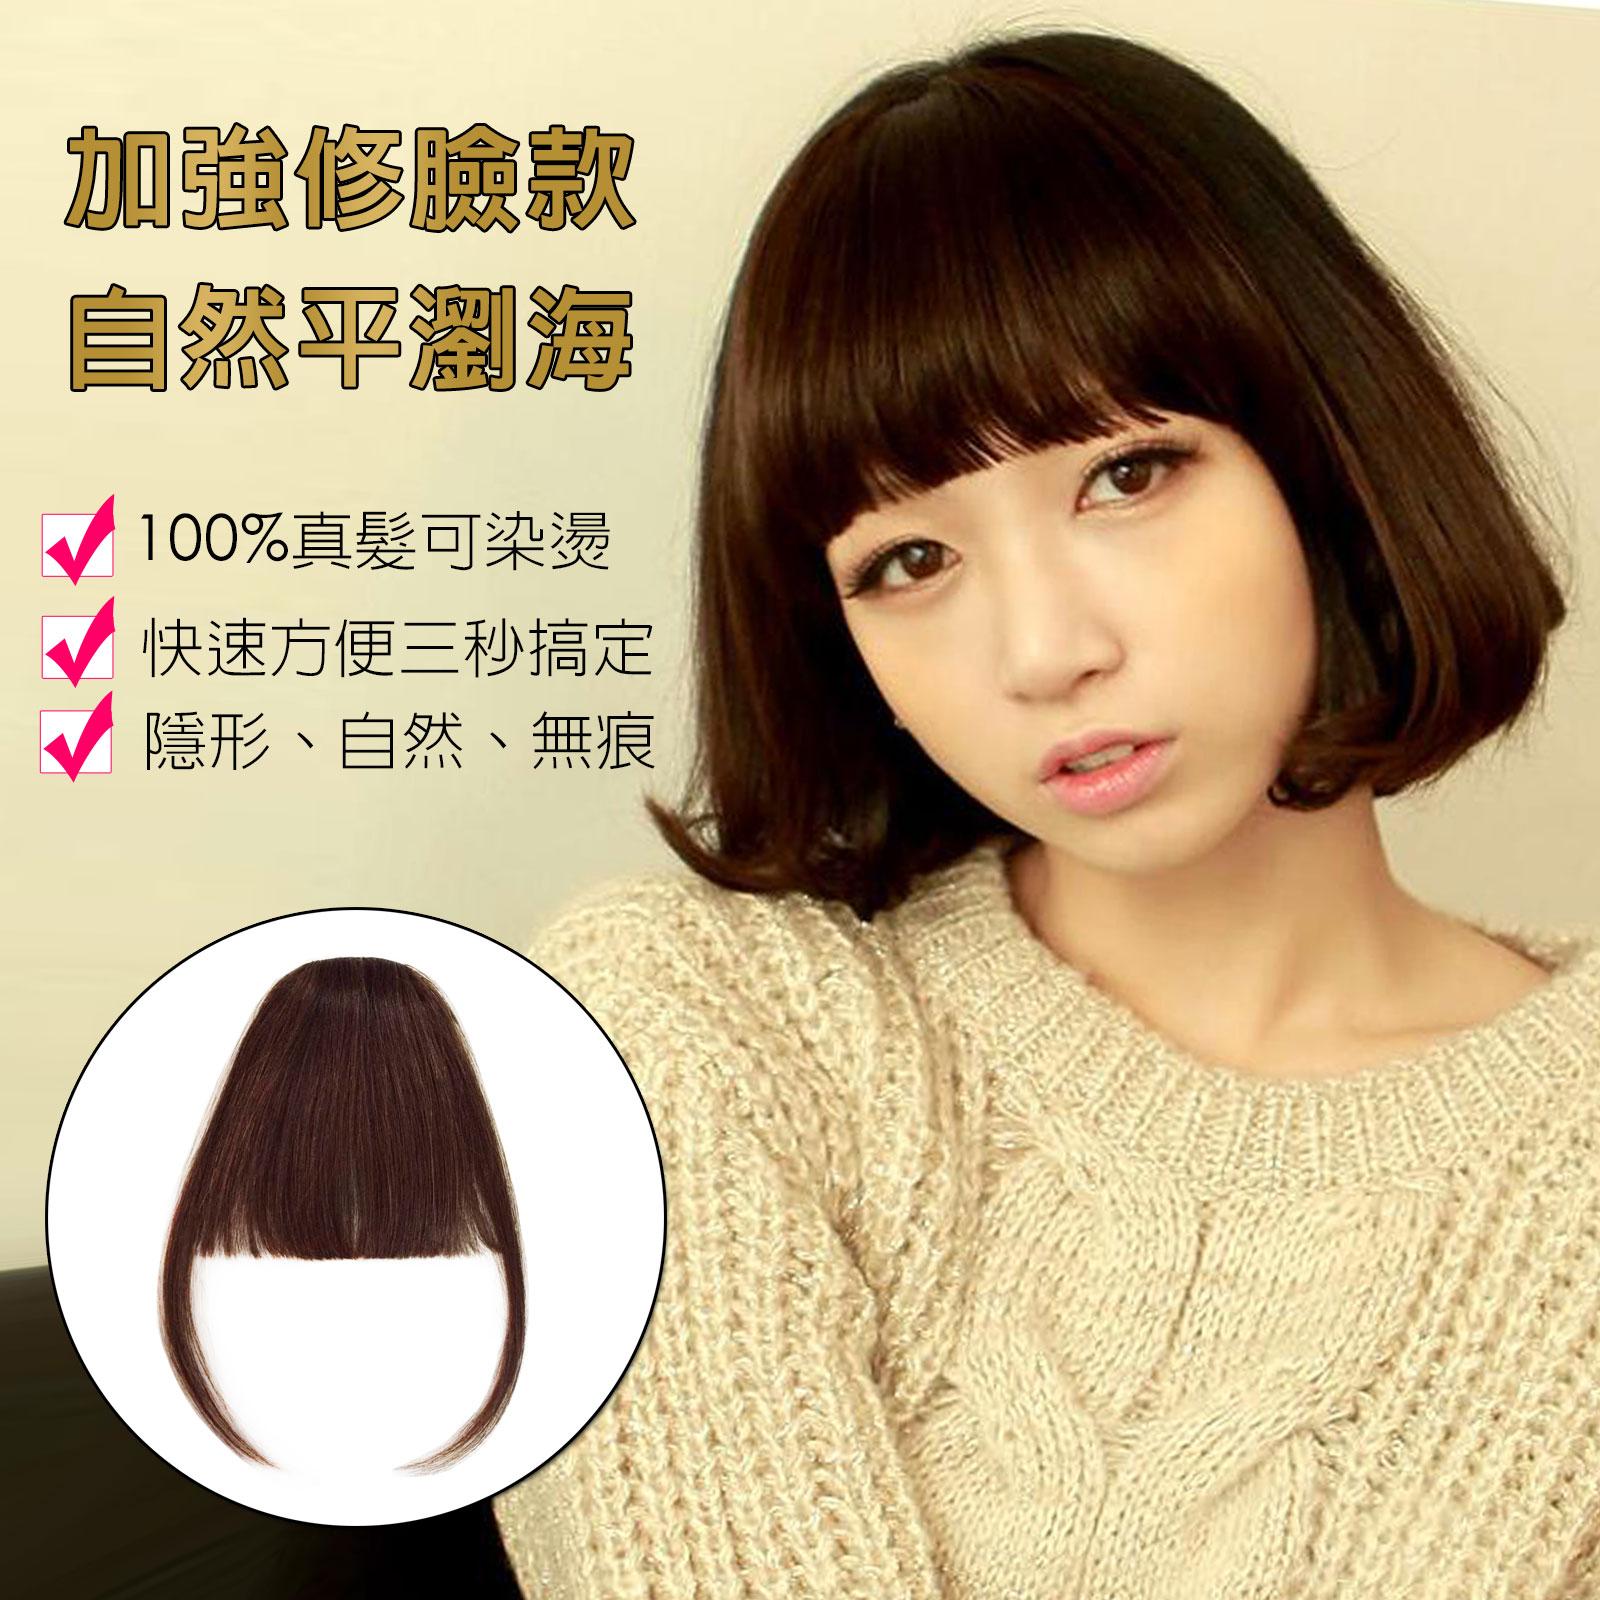 真髮。超薄隱形邊 自然平瀏海髮片 可愛減齡 100%真髮【RT29】☆雙兒網☆ - 限時優惠好康折扣